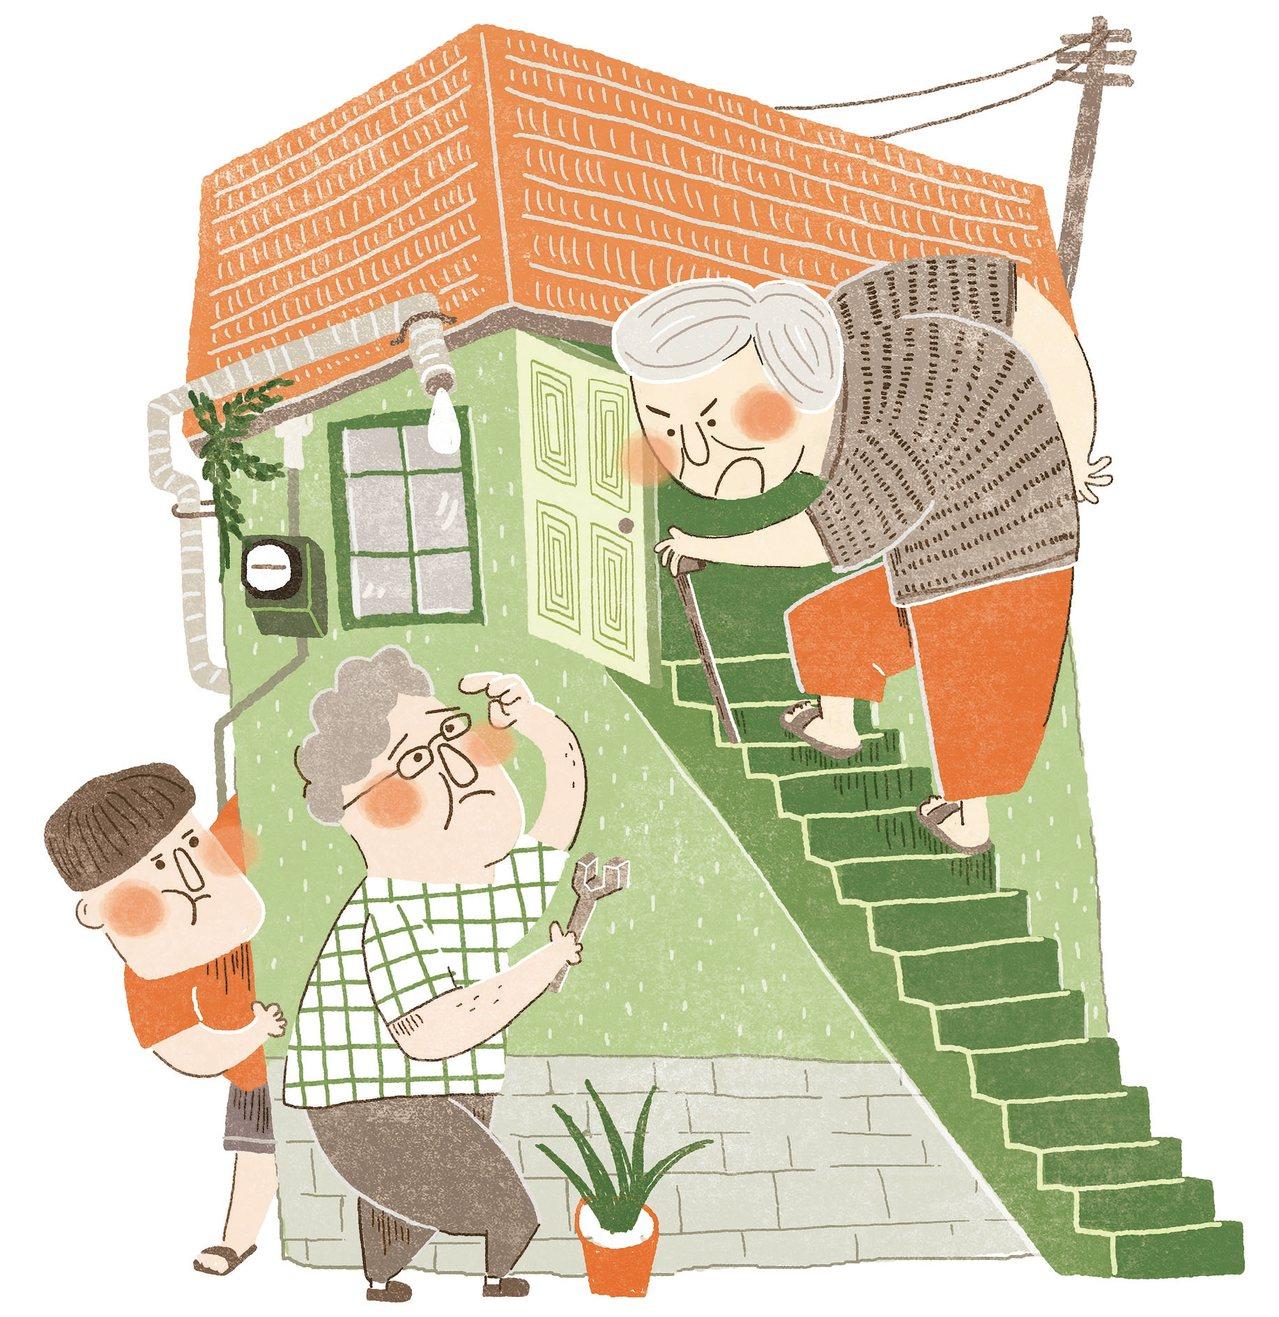 長輩們都老了,用緩慢而沉重的腳步生活,在家中輪流咚咚咚地上下樓,一波未停一波又起...